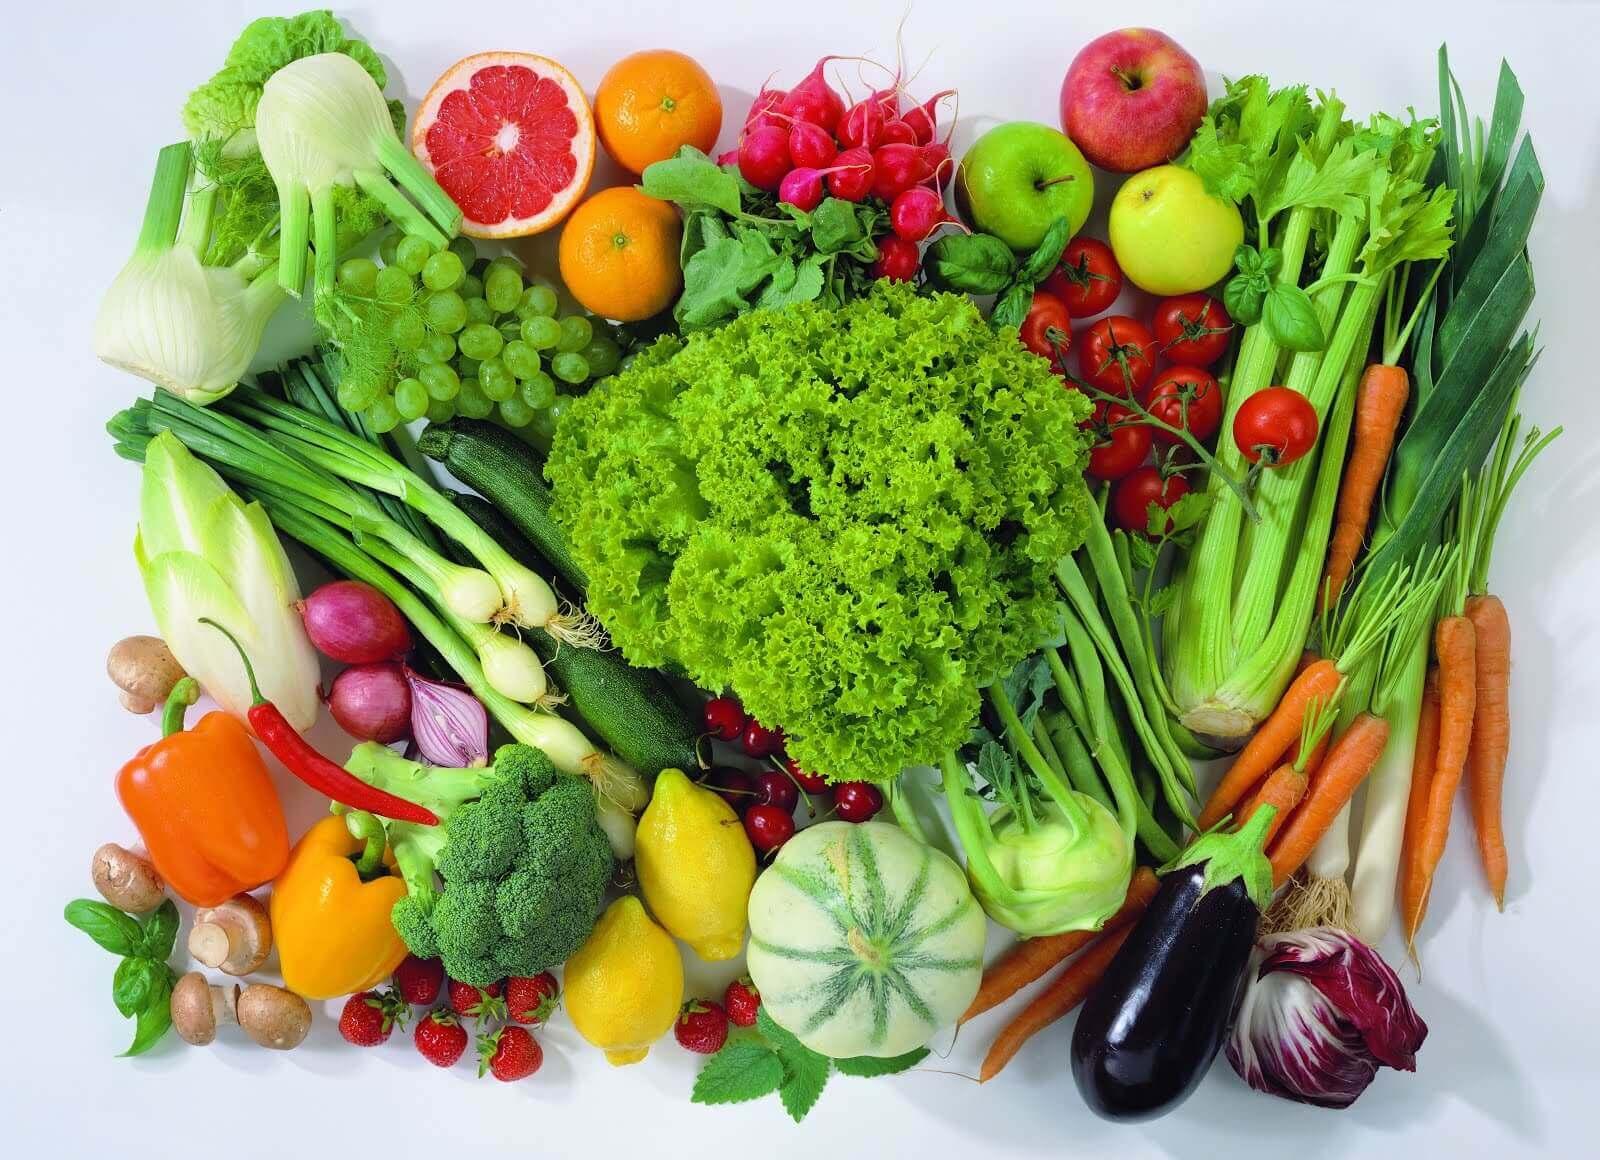 Afvallen tijdens de overgang is mogelijk door meer groenten te eten